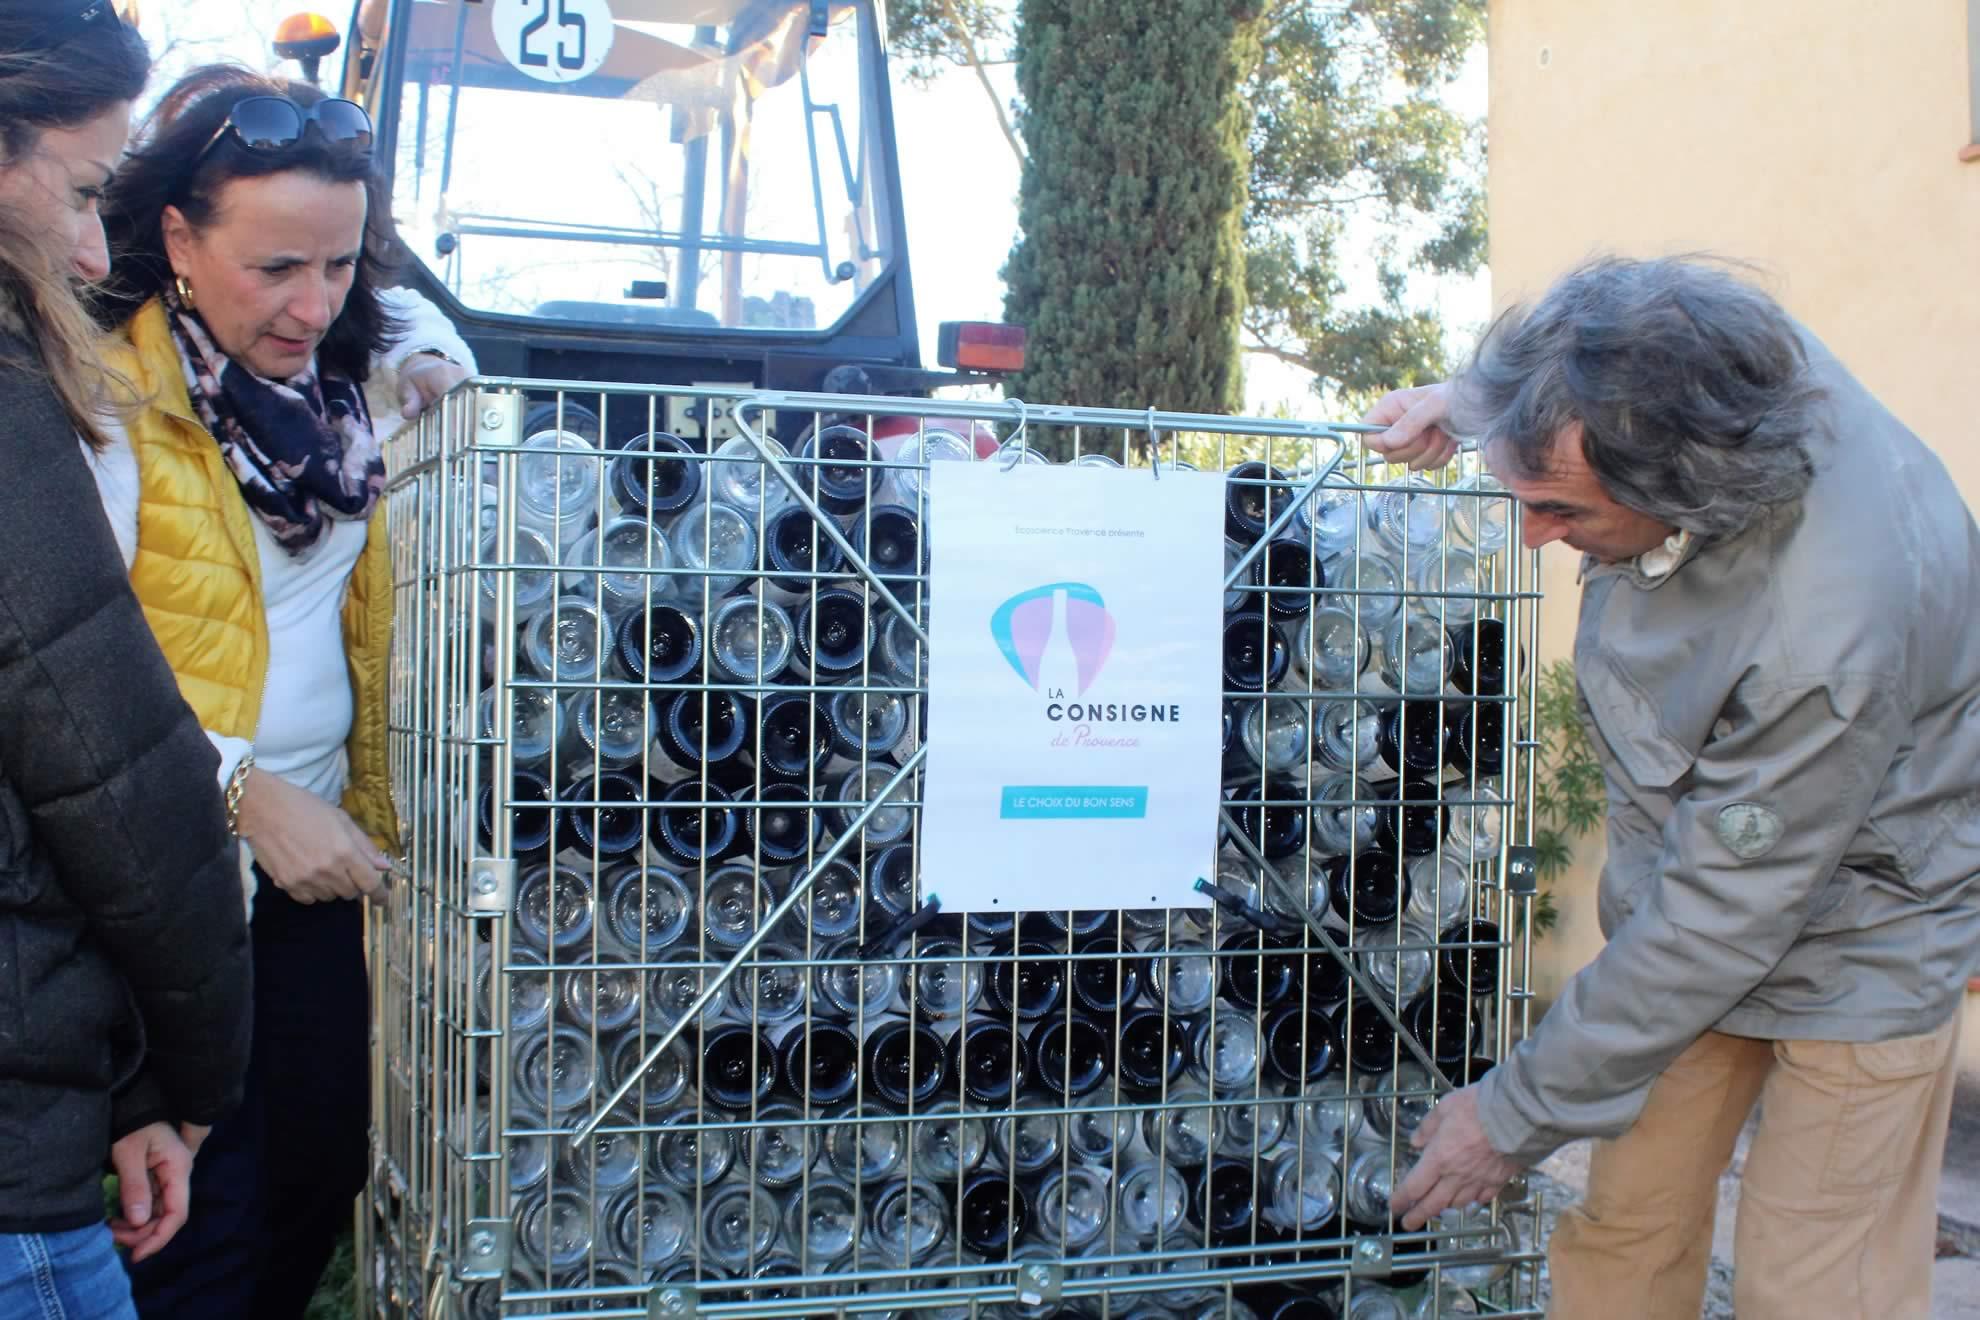 1ère collecte de 1 200 bouteilles de verre consignées au Domaine de la Marseillaise, à La Crau